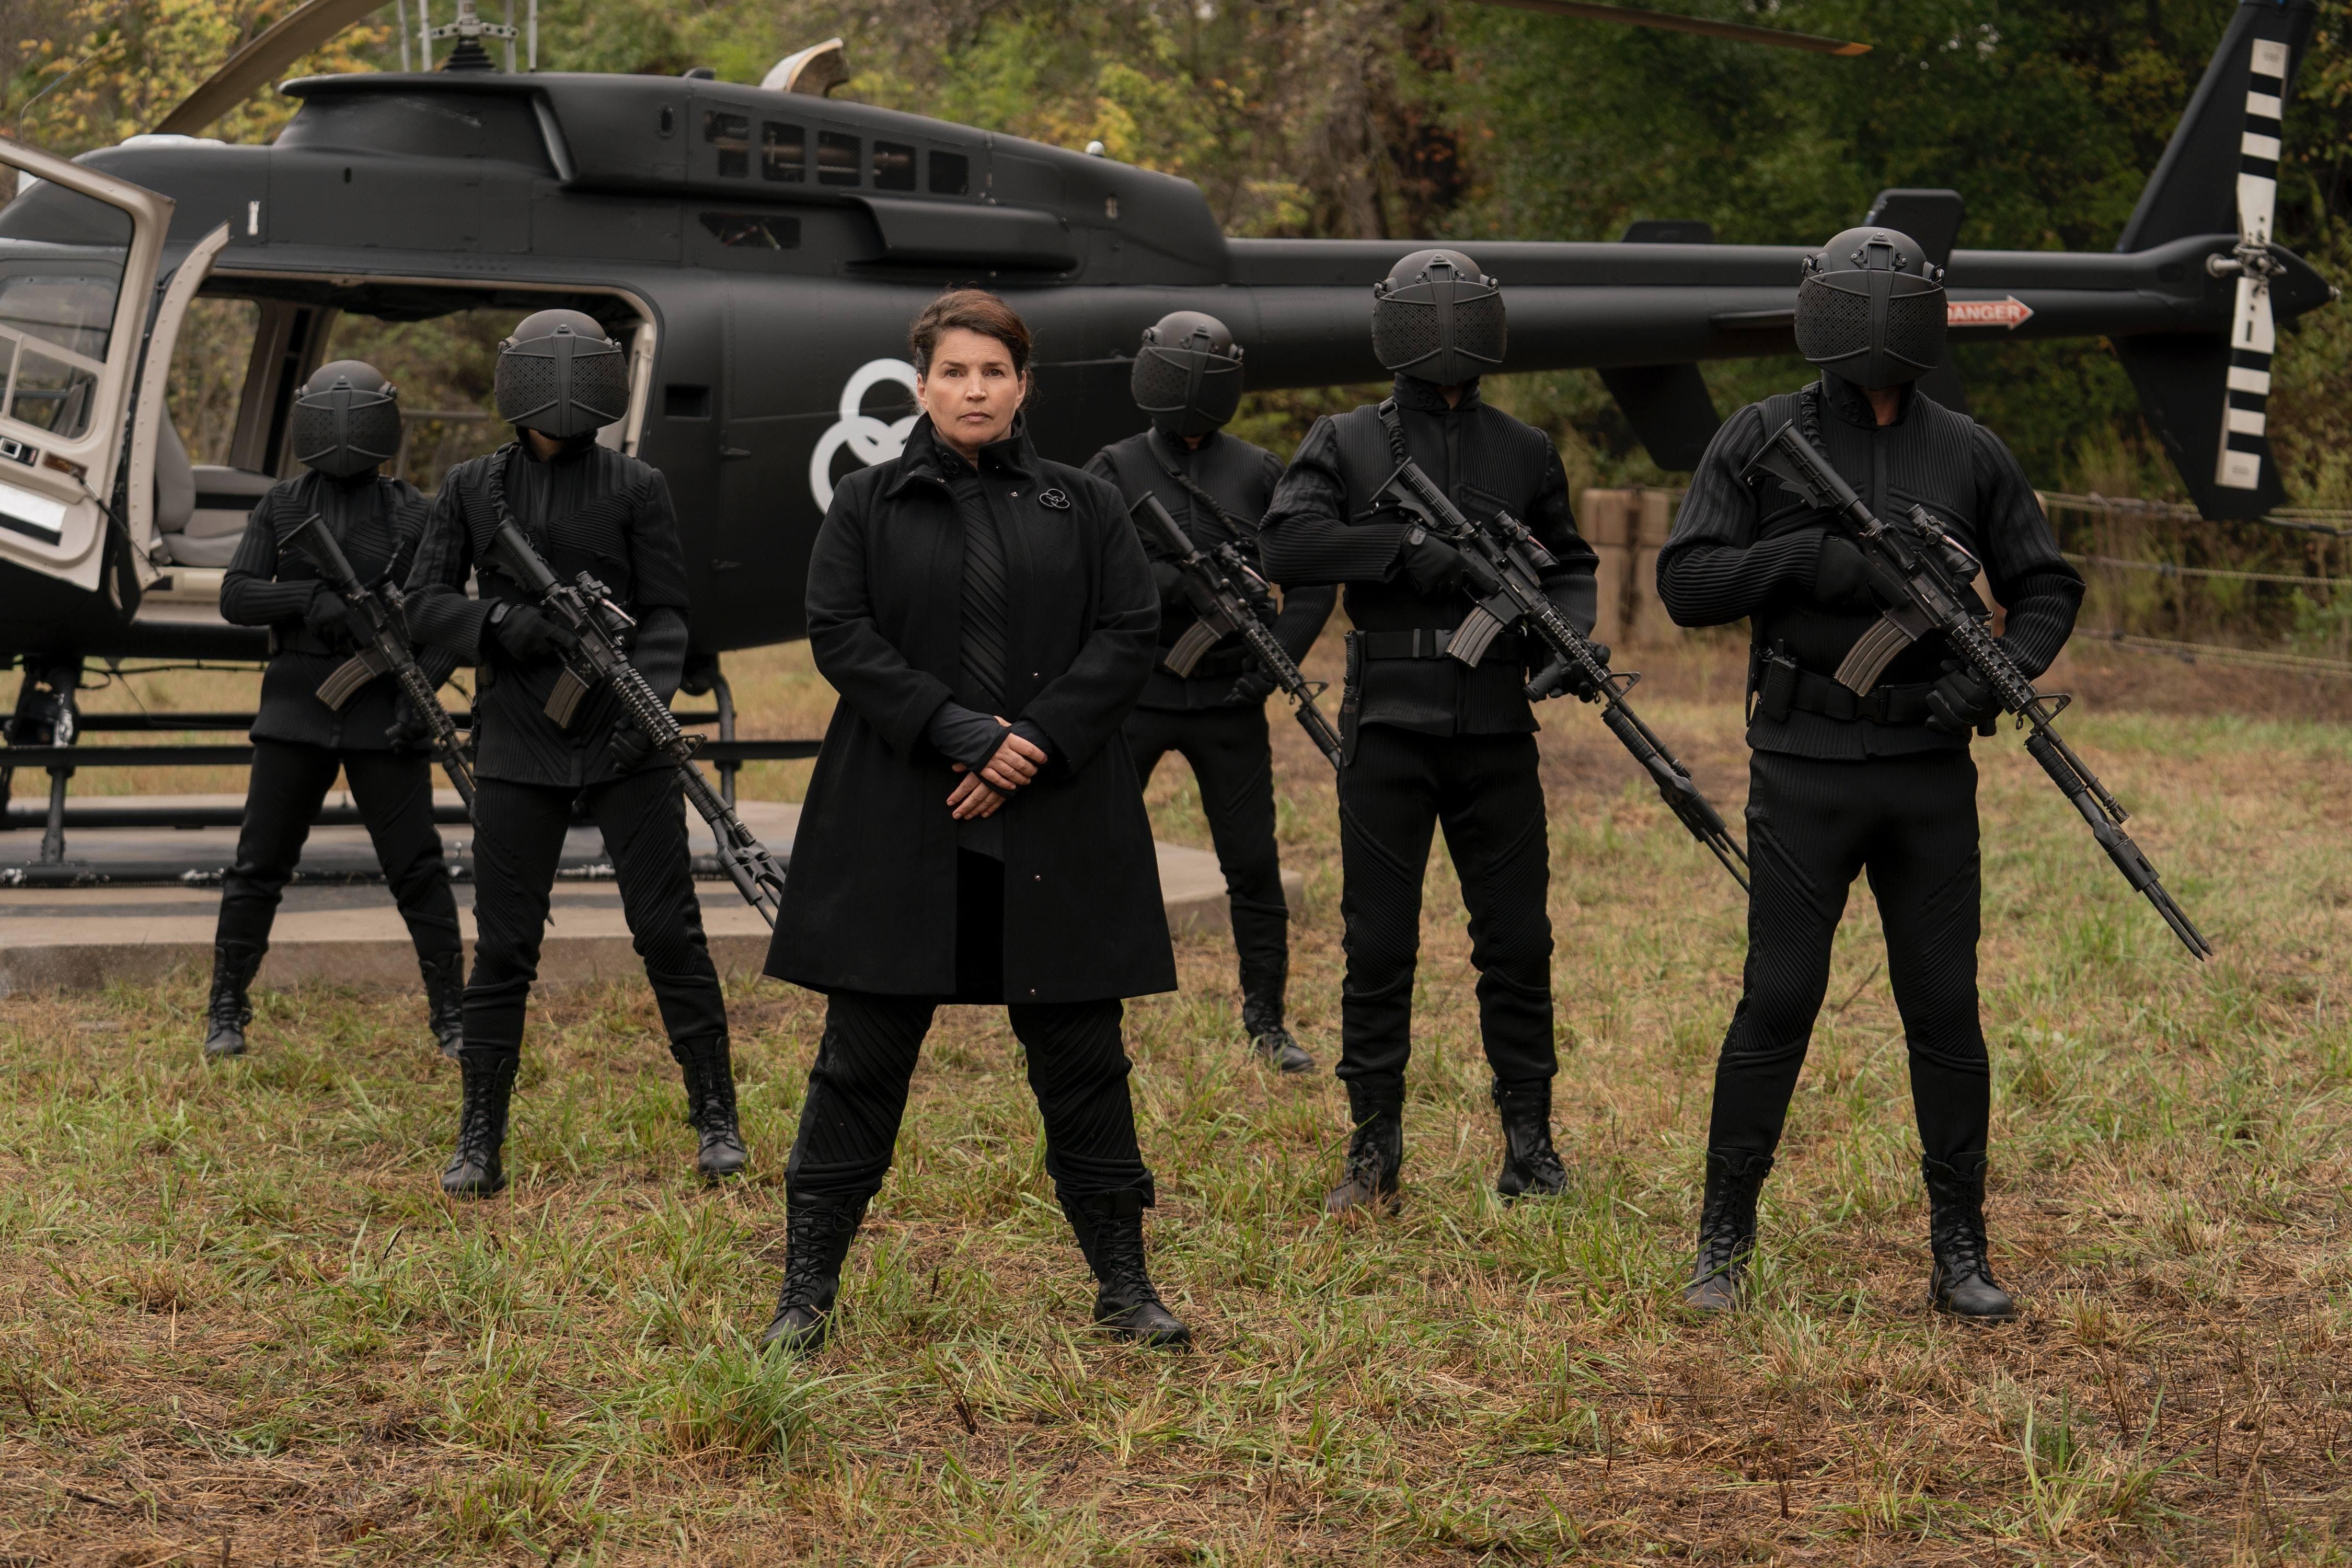 Civic Republic Military